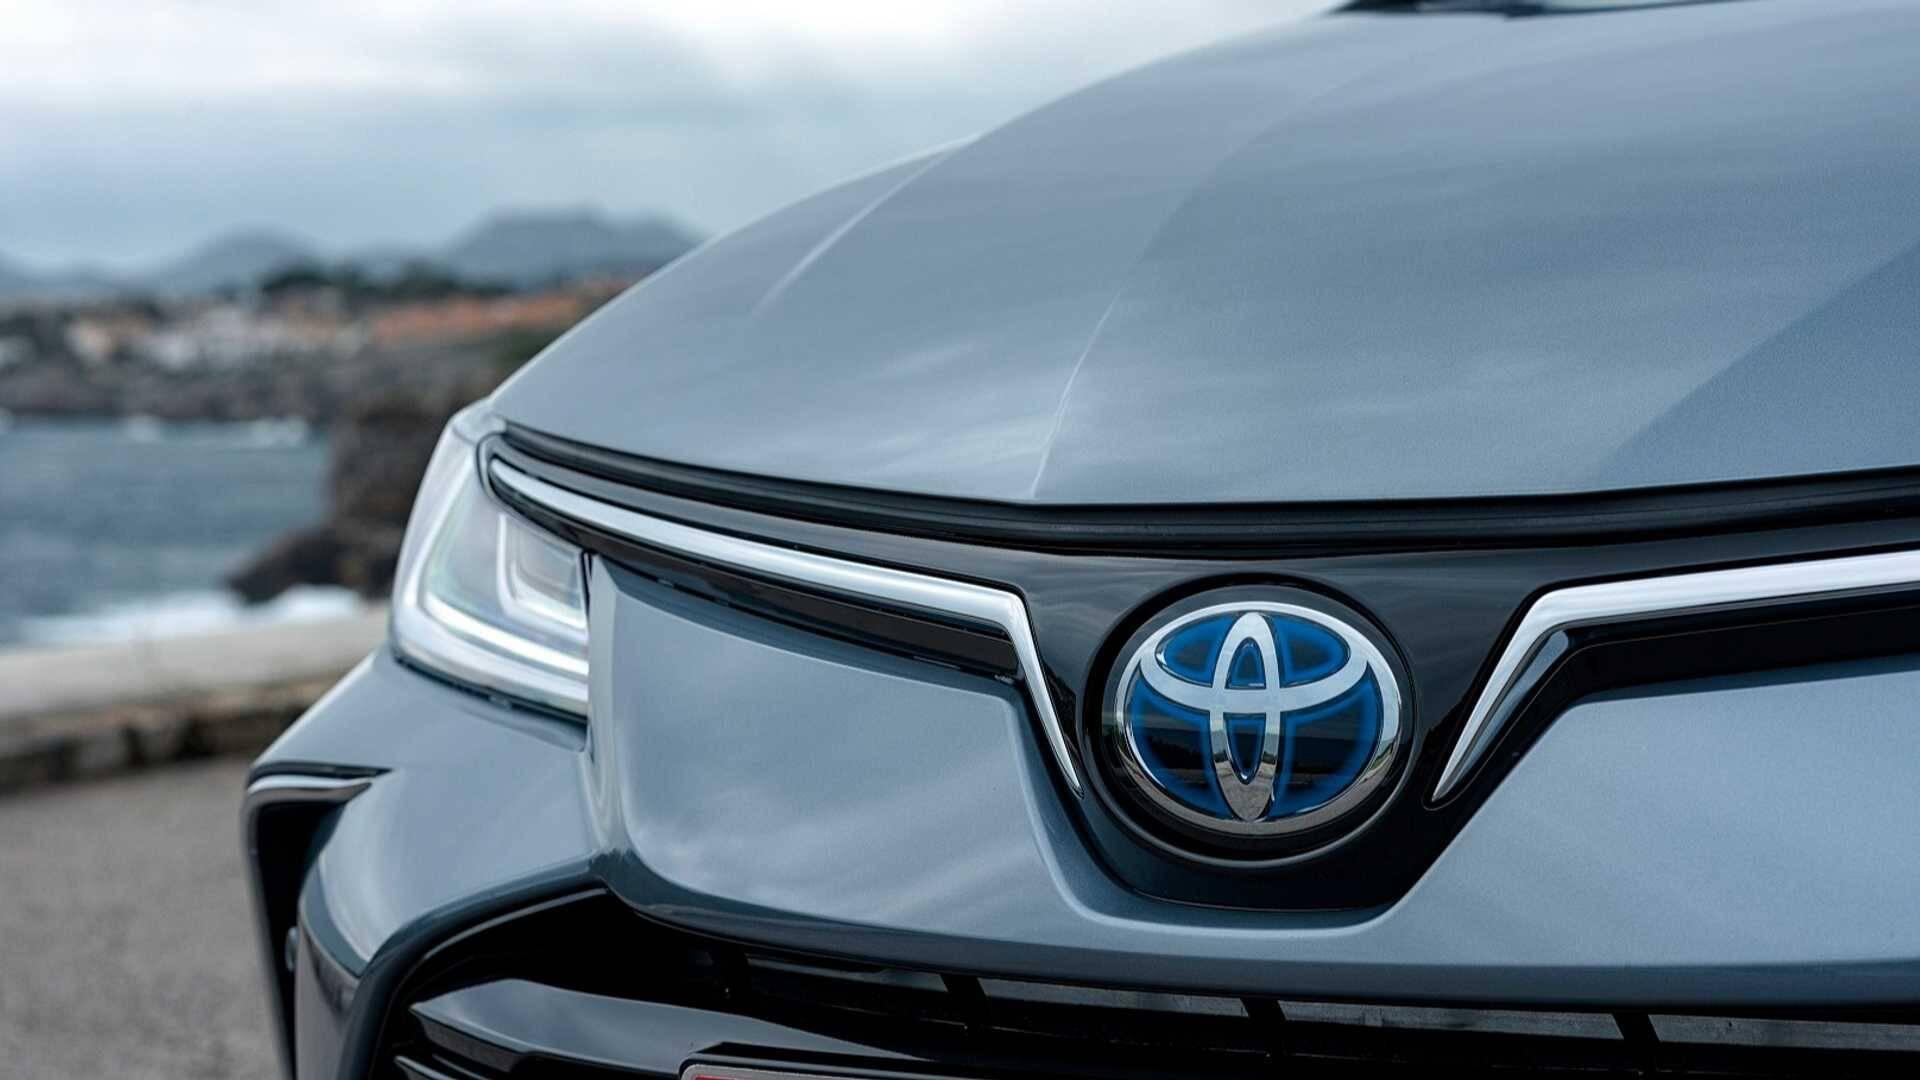 Toyota Corolla. Foto: Divulgação